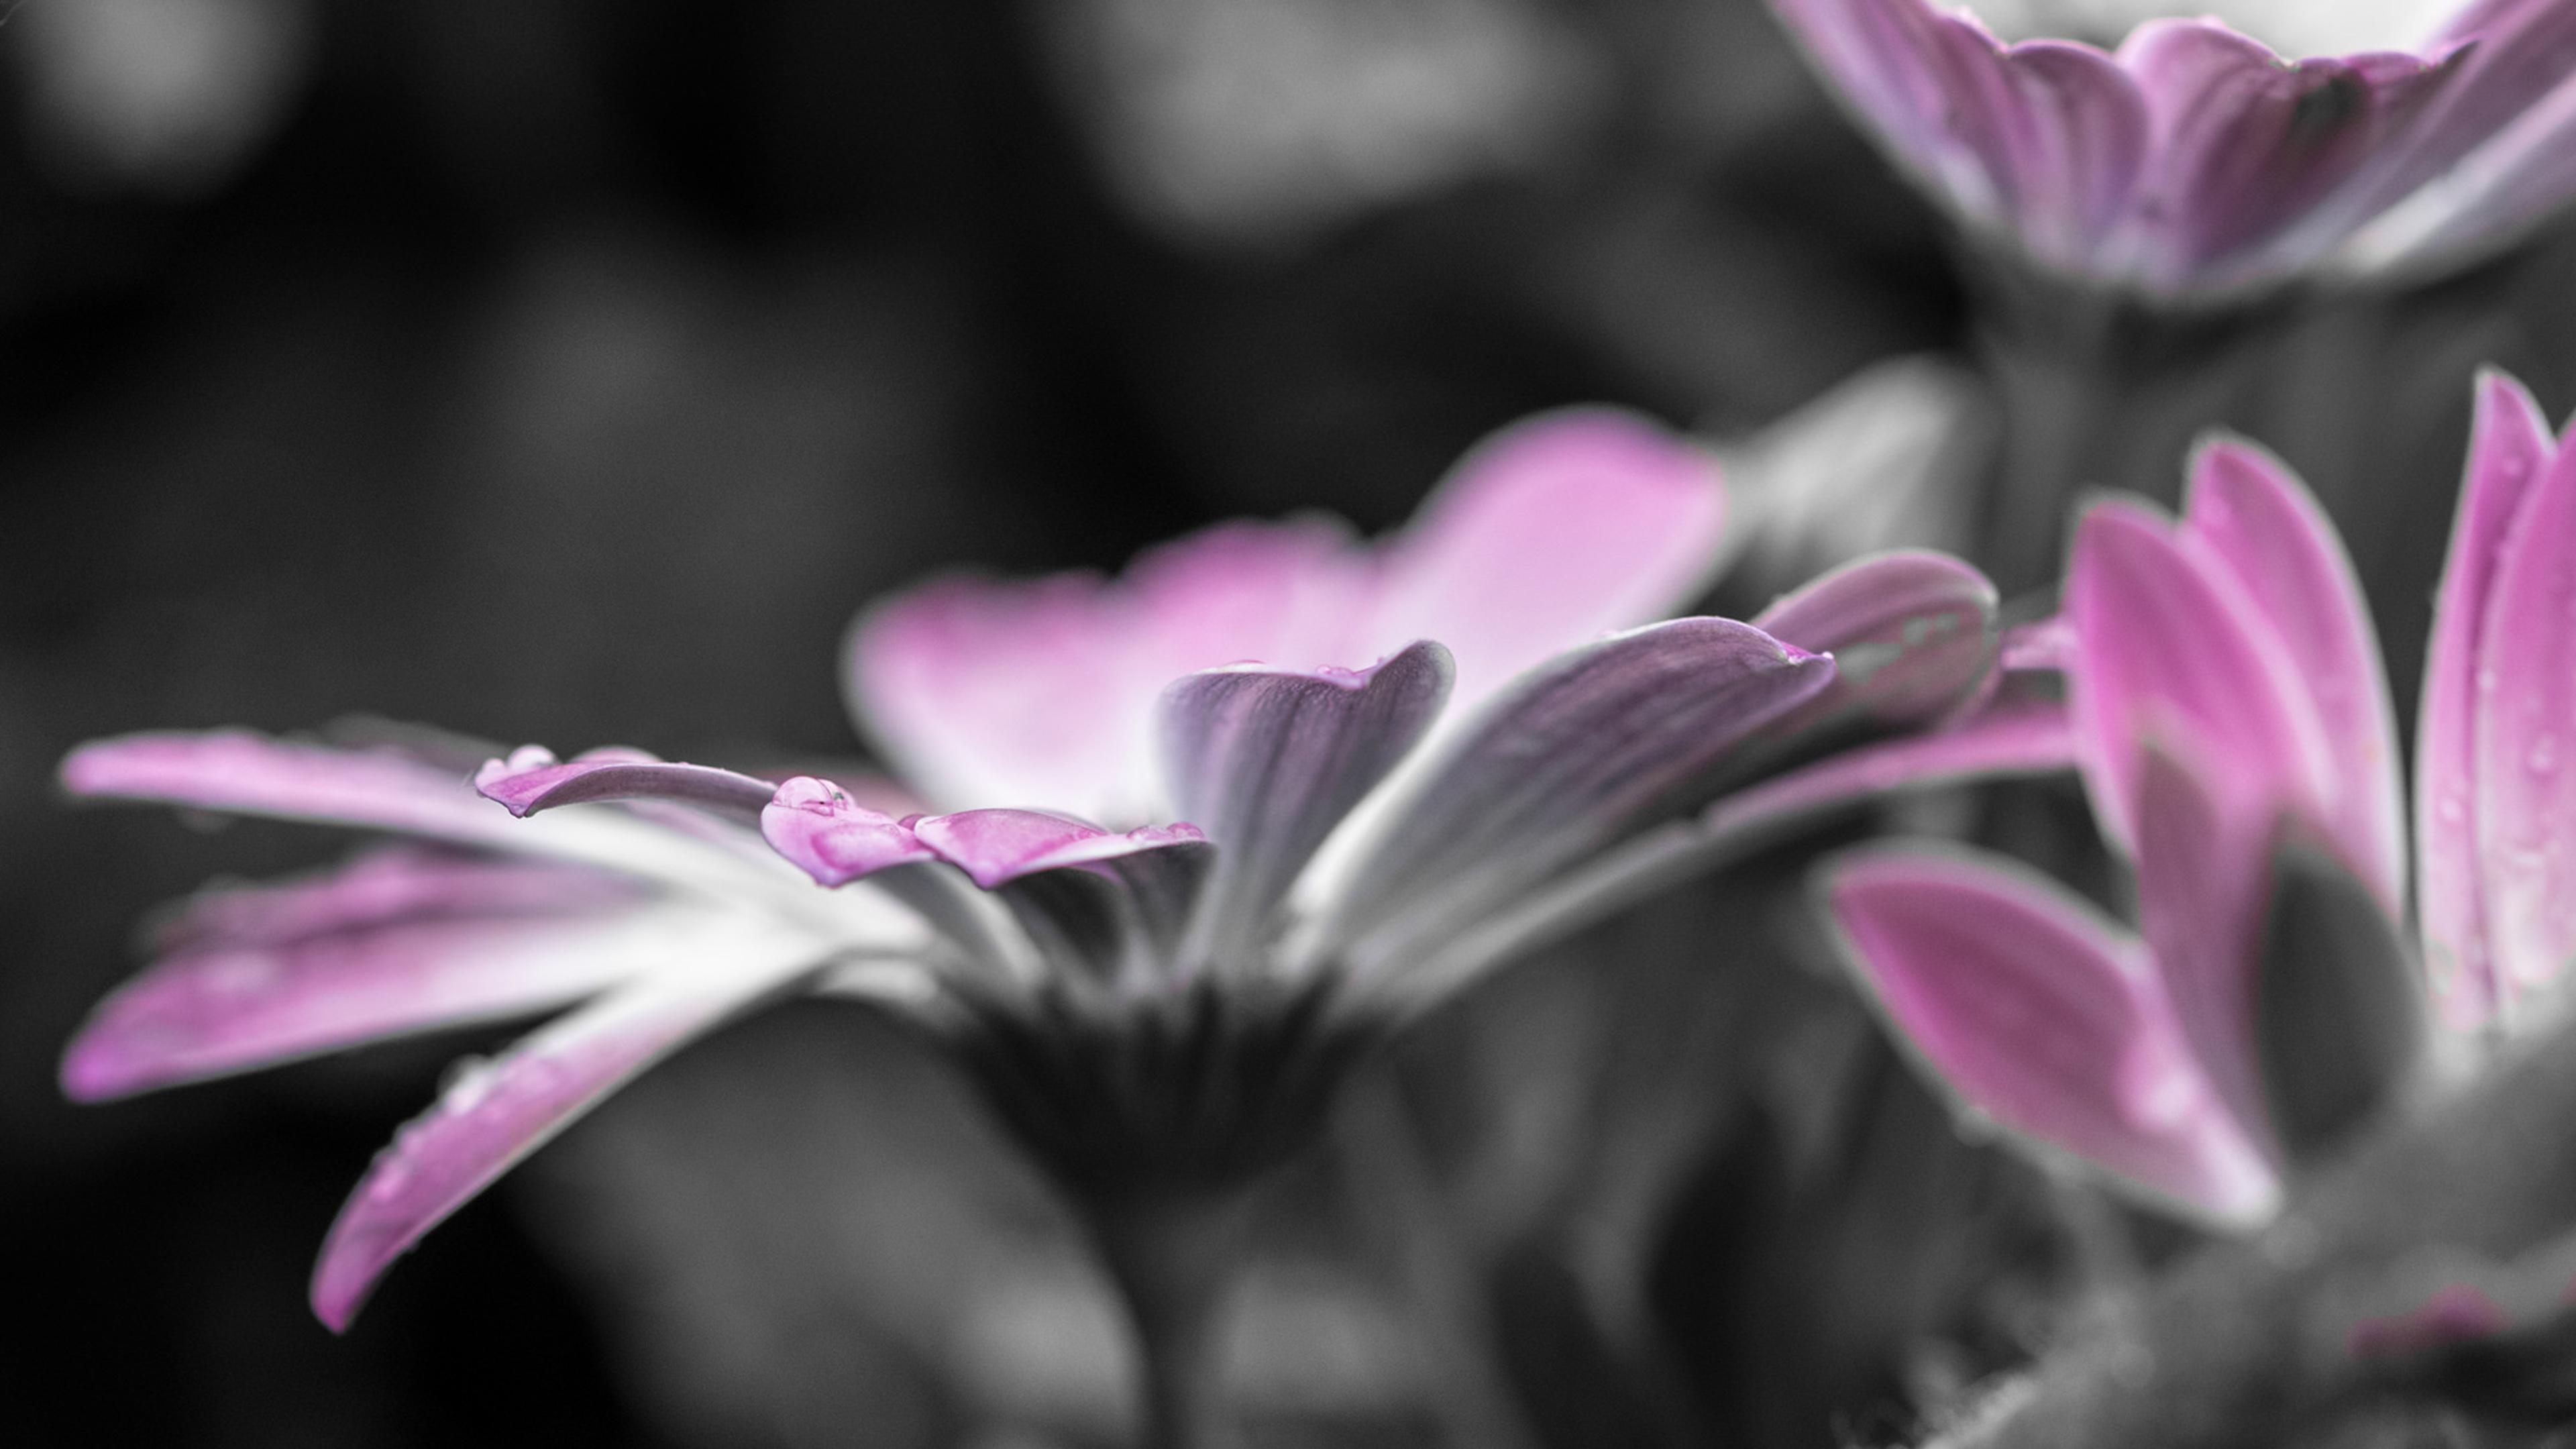 Нежные розовые гофрированные лепестки в утренних капельках росы